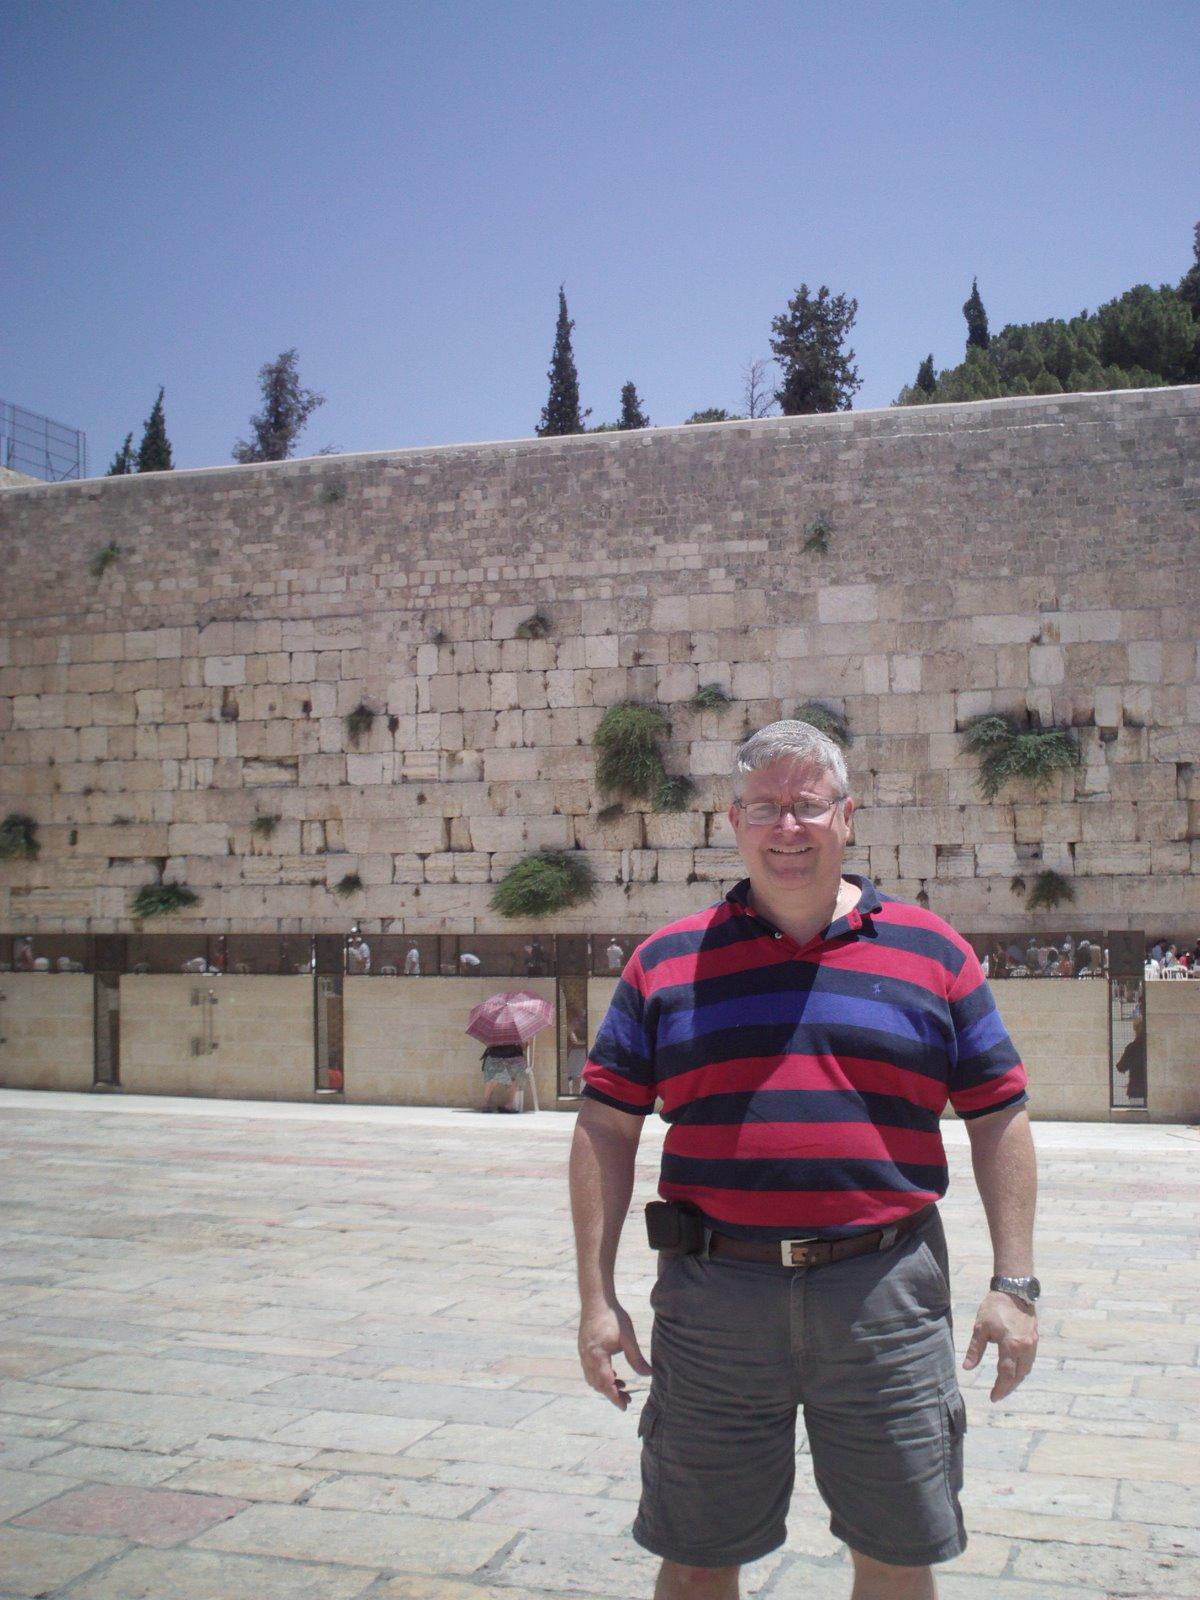 [My+first+visit+to+kotel+as+toshav+yisrael.JPG]